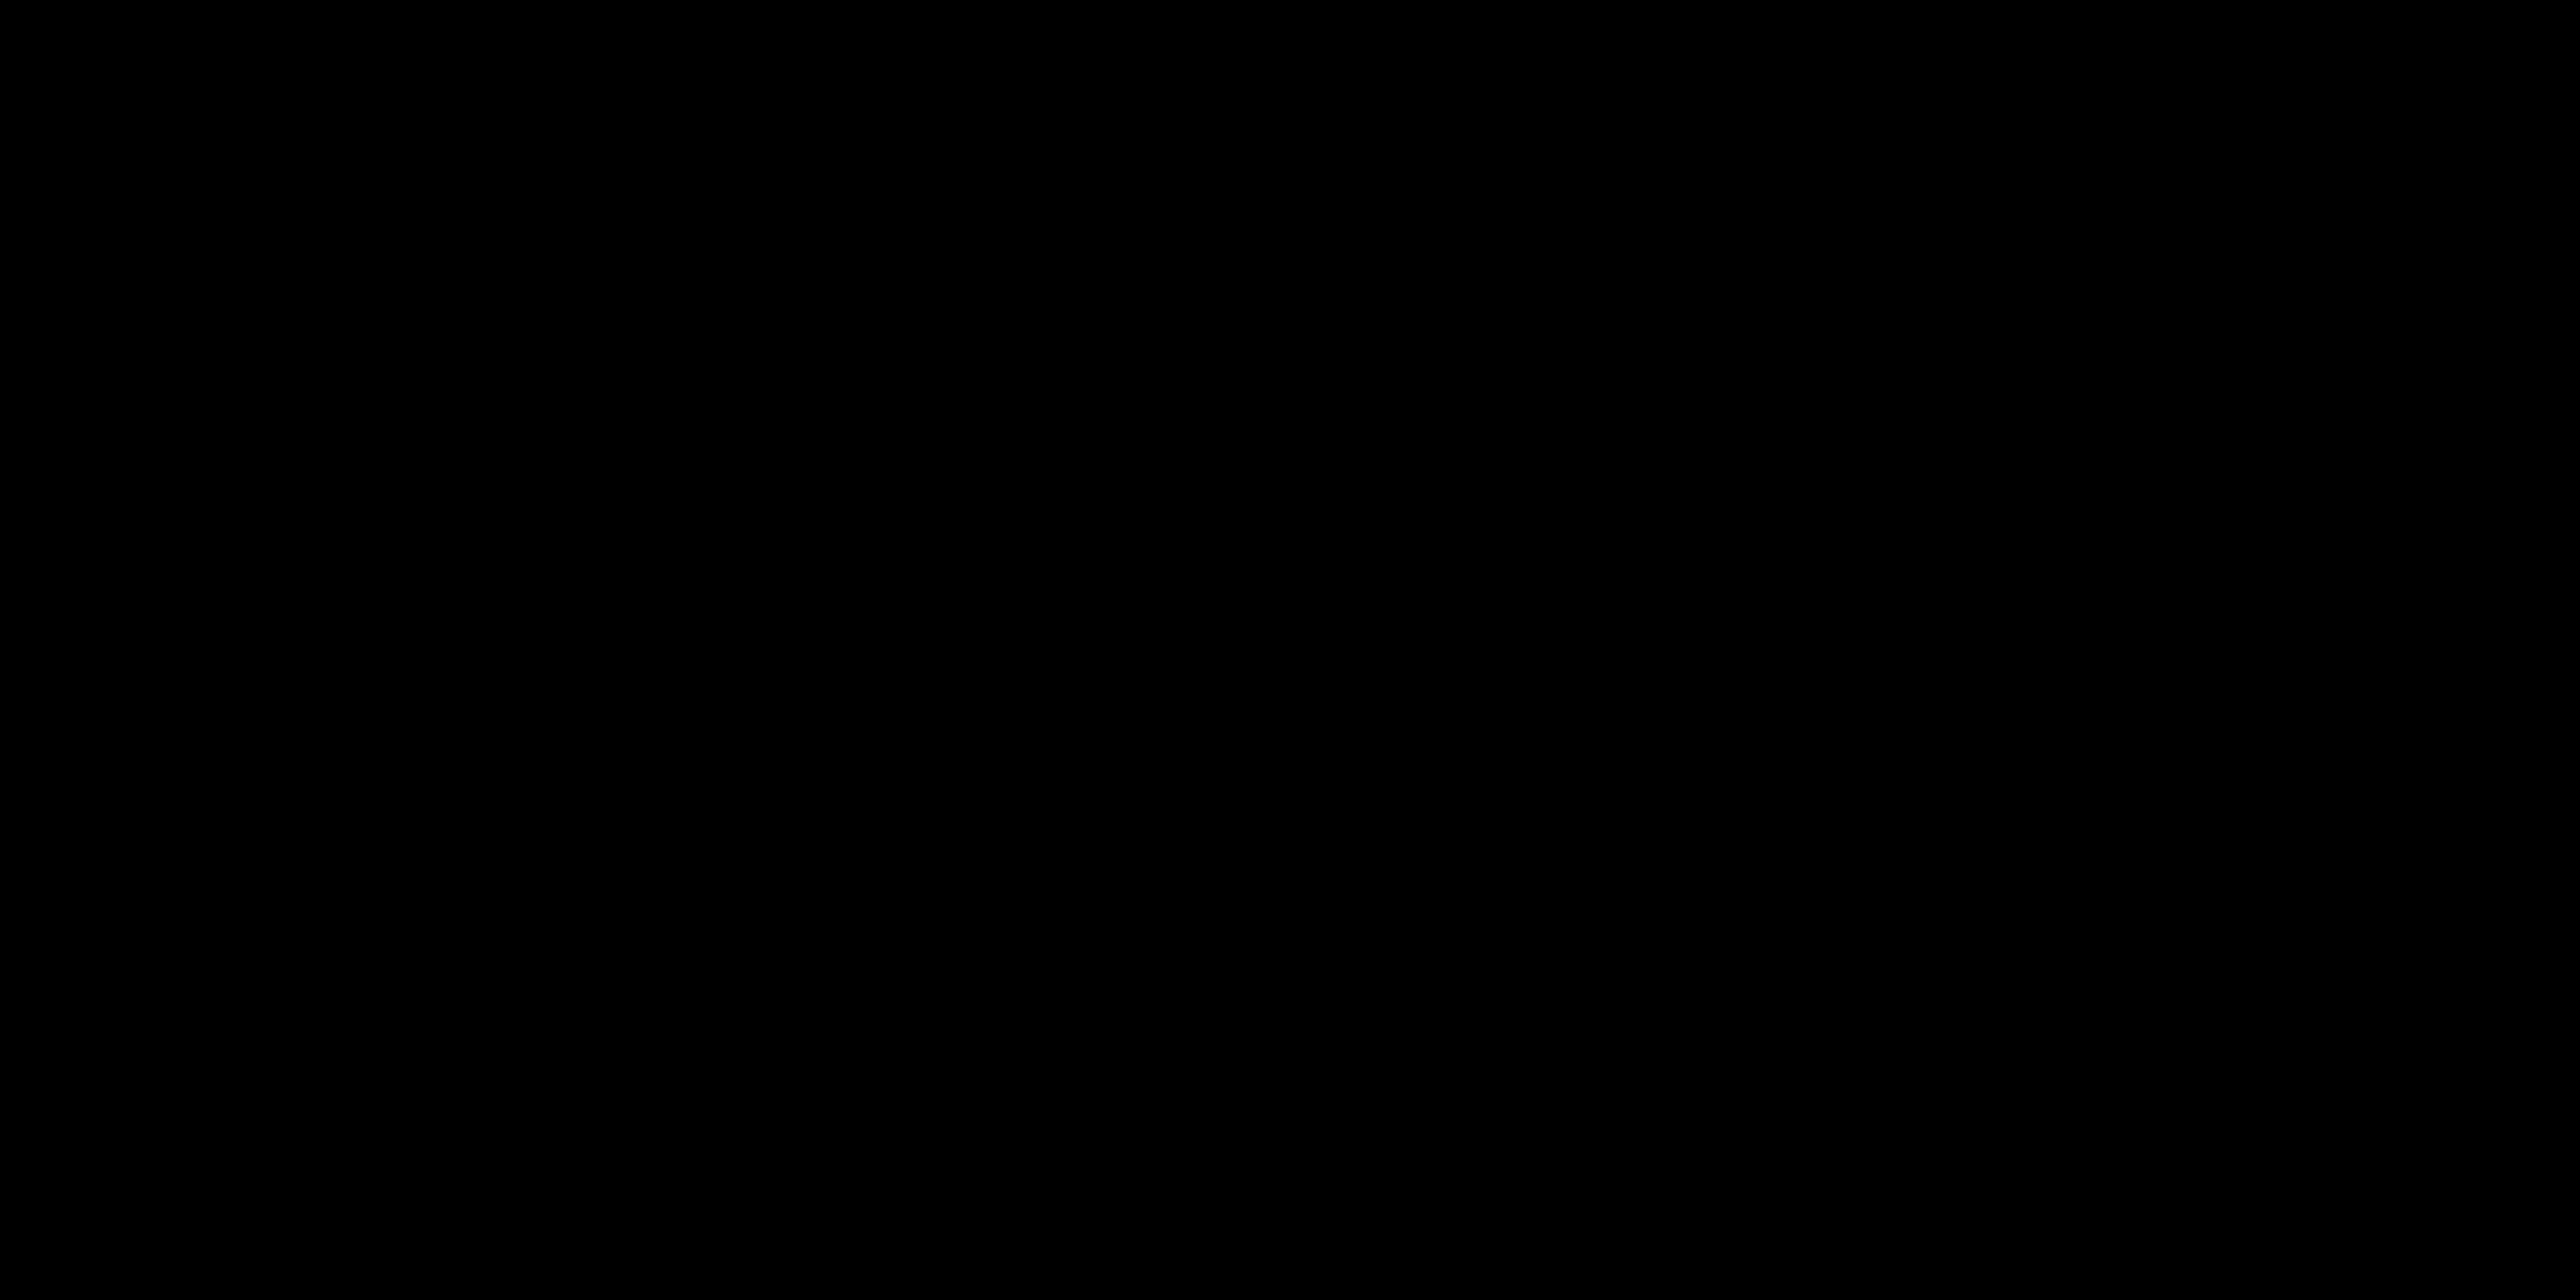 Istituto Marco Ronzani GmbH